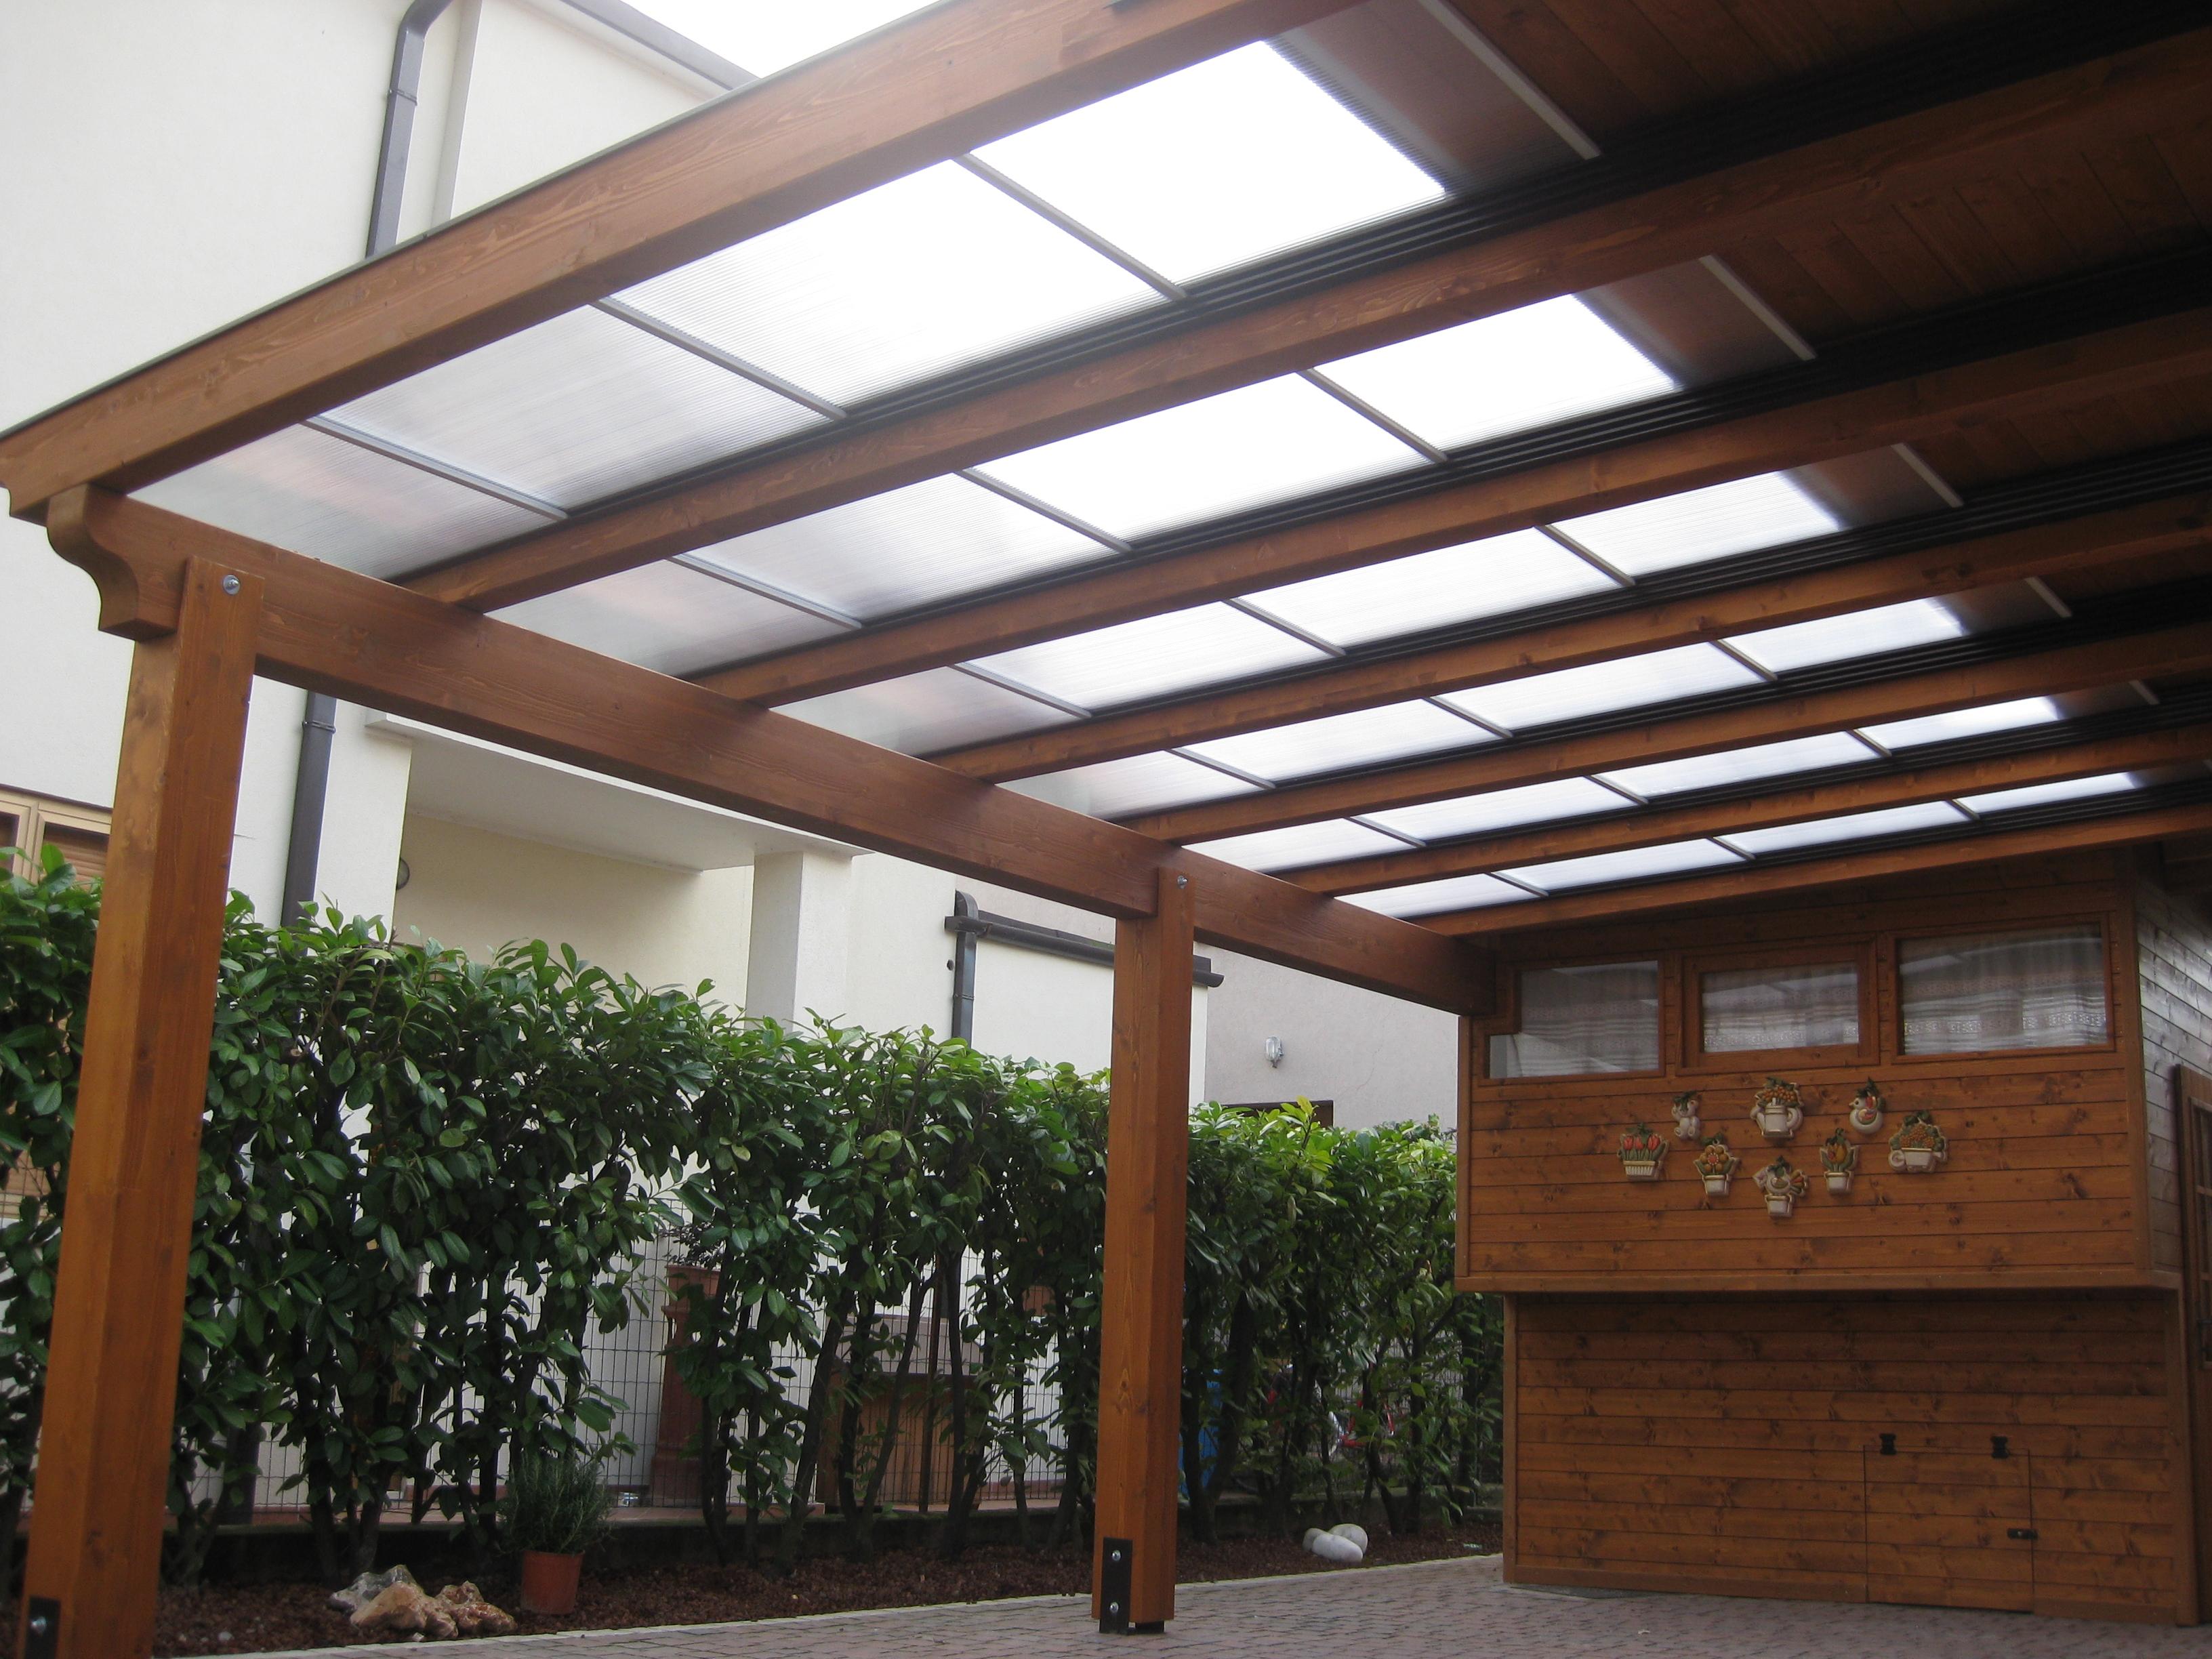 Policarbonato legno iata group srl for Onduline per tettoie